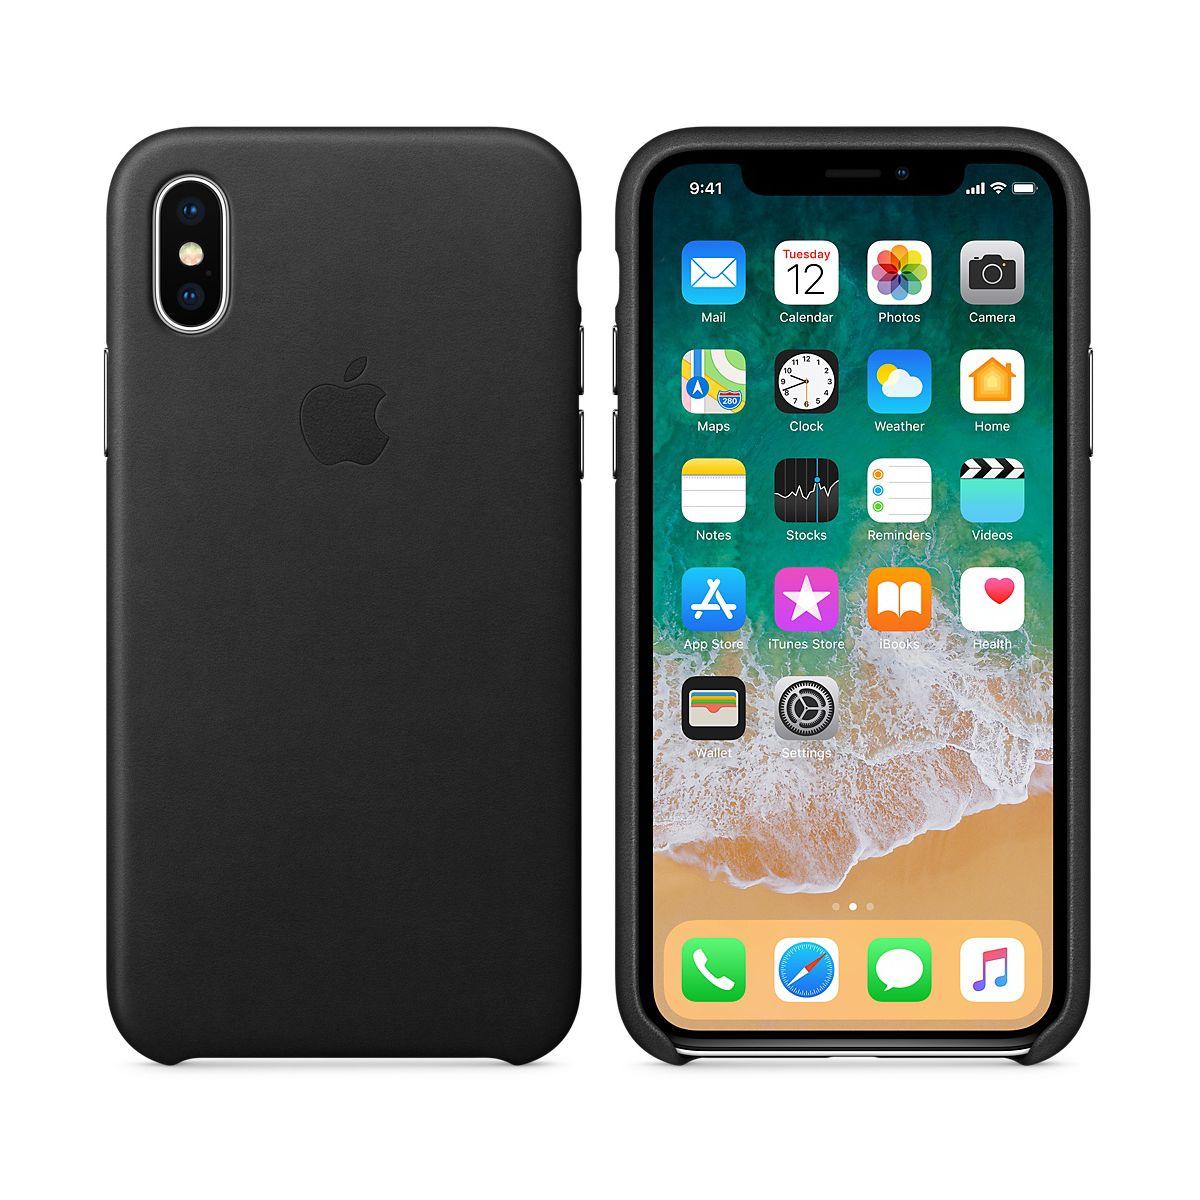 Coque APPLE iPhone X cuir noir (photo)